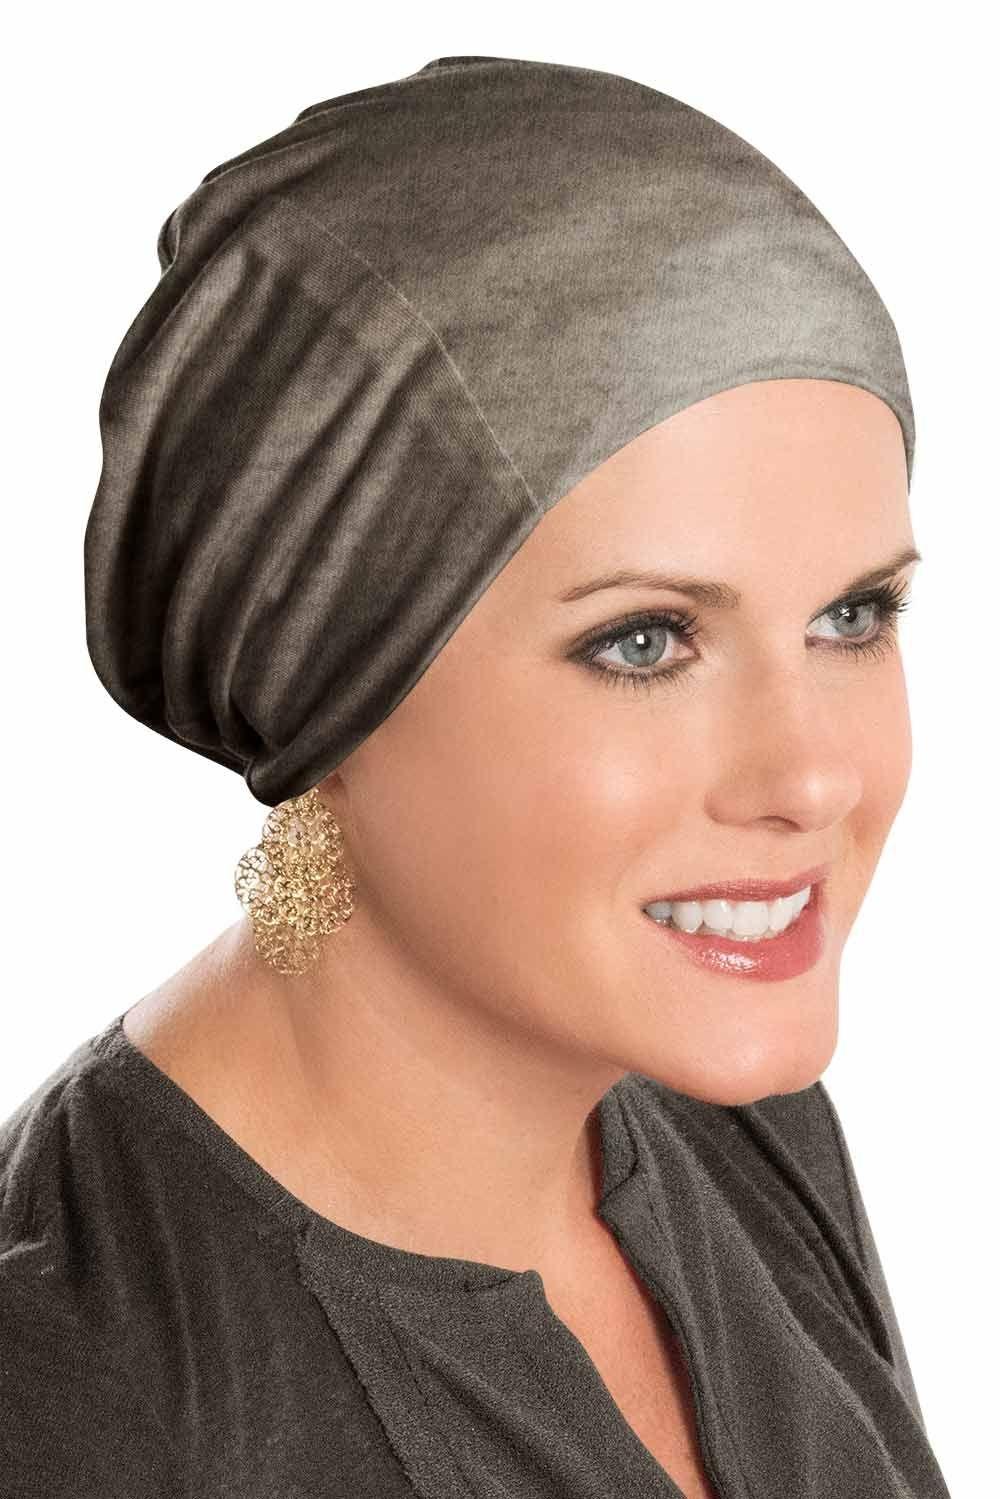 PoCo DeSiGn LAGENLOOK Ballon-Mütze Beanie Slouch Chemo-Cap Punta Jersey weiß